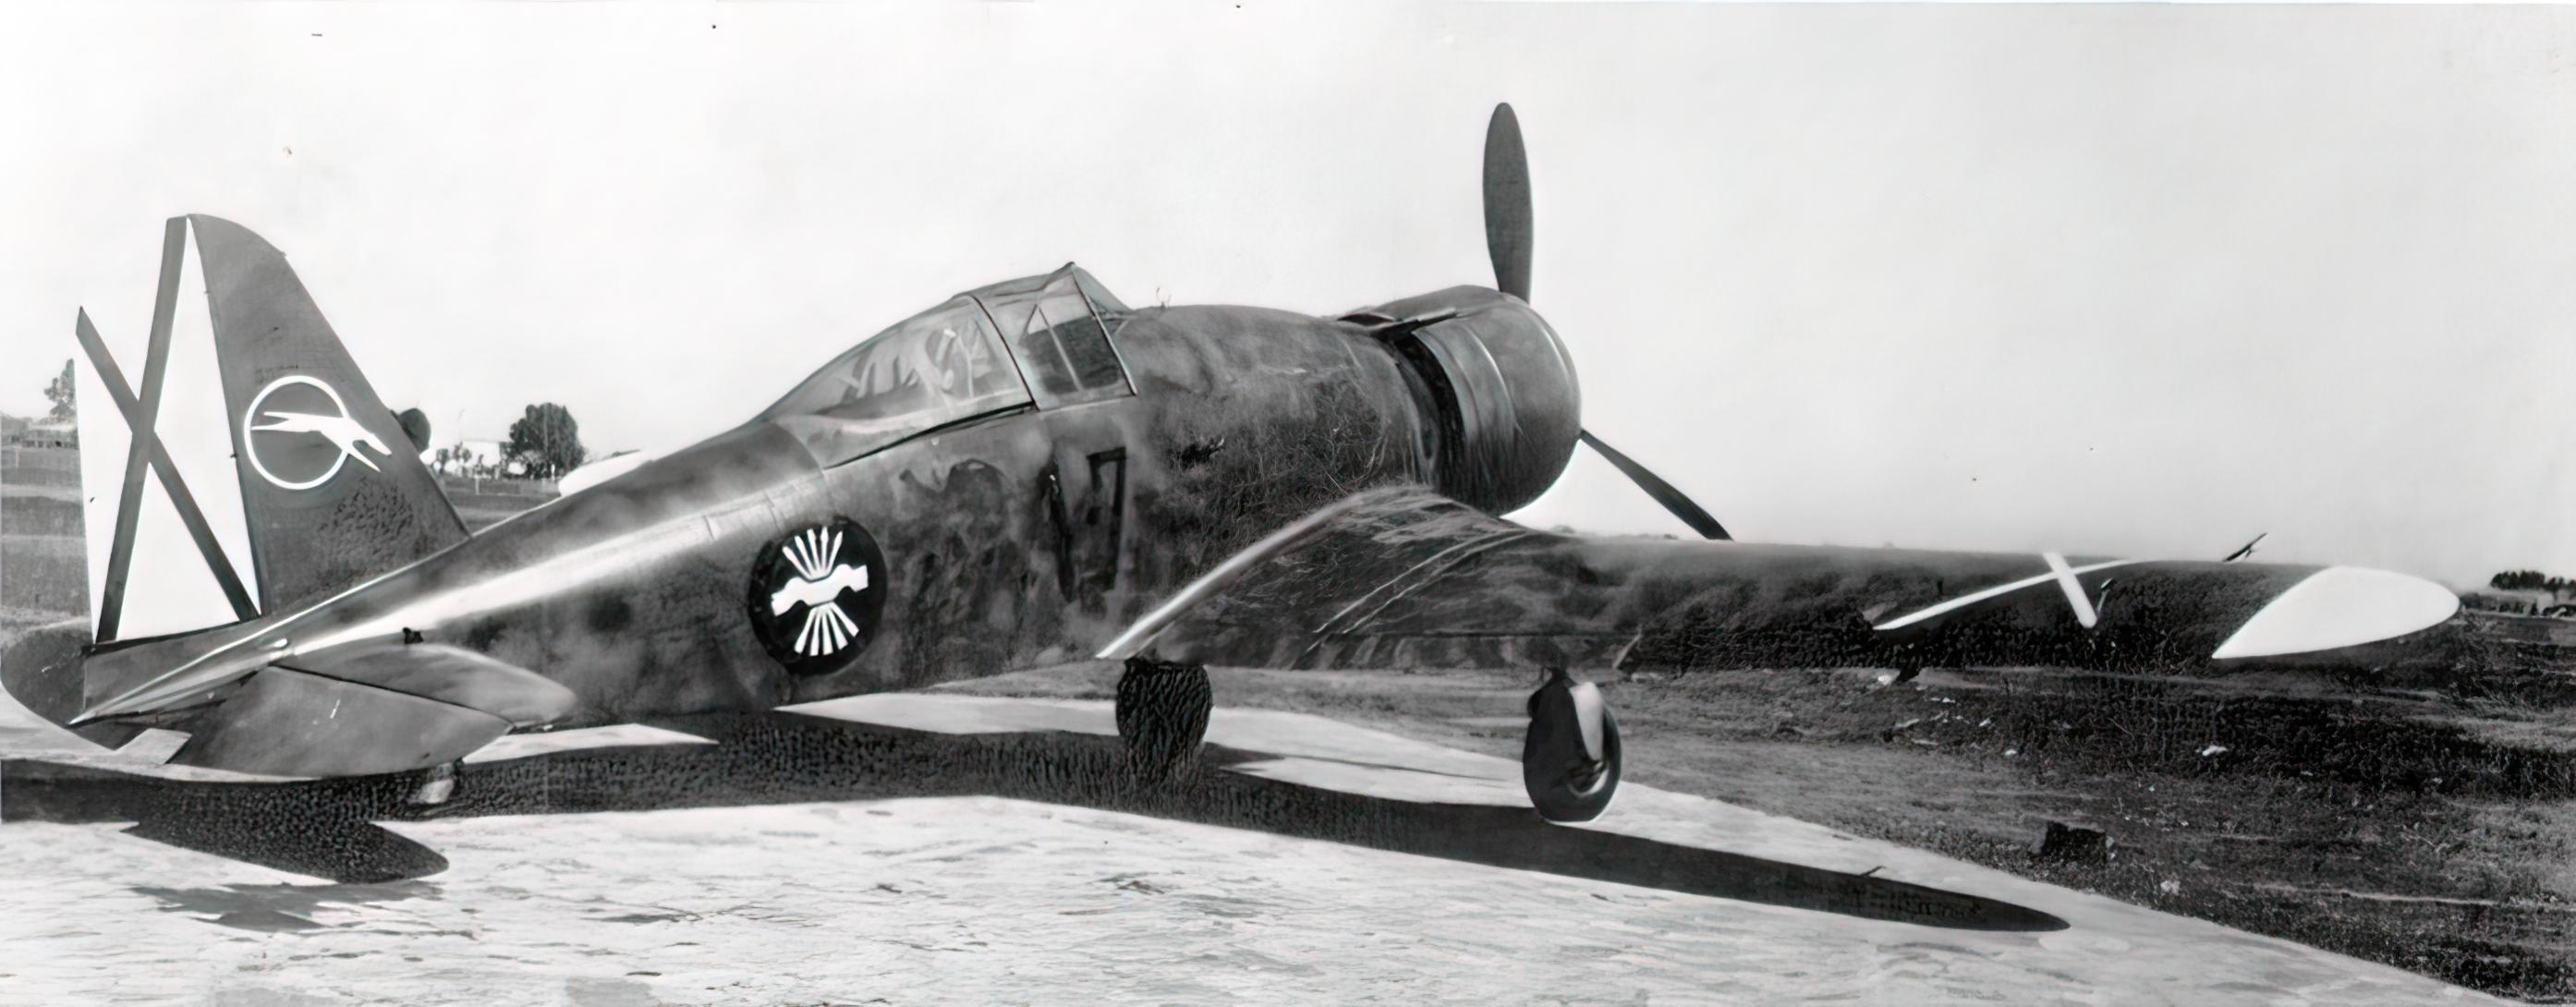 Fiat G50 Freccia Aviacion Nacional 27 Gruppo de Caza 7 MM3582 Sevilla Tablada Spain Jun 1939 03